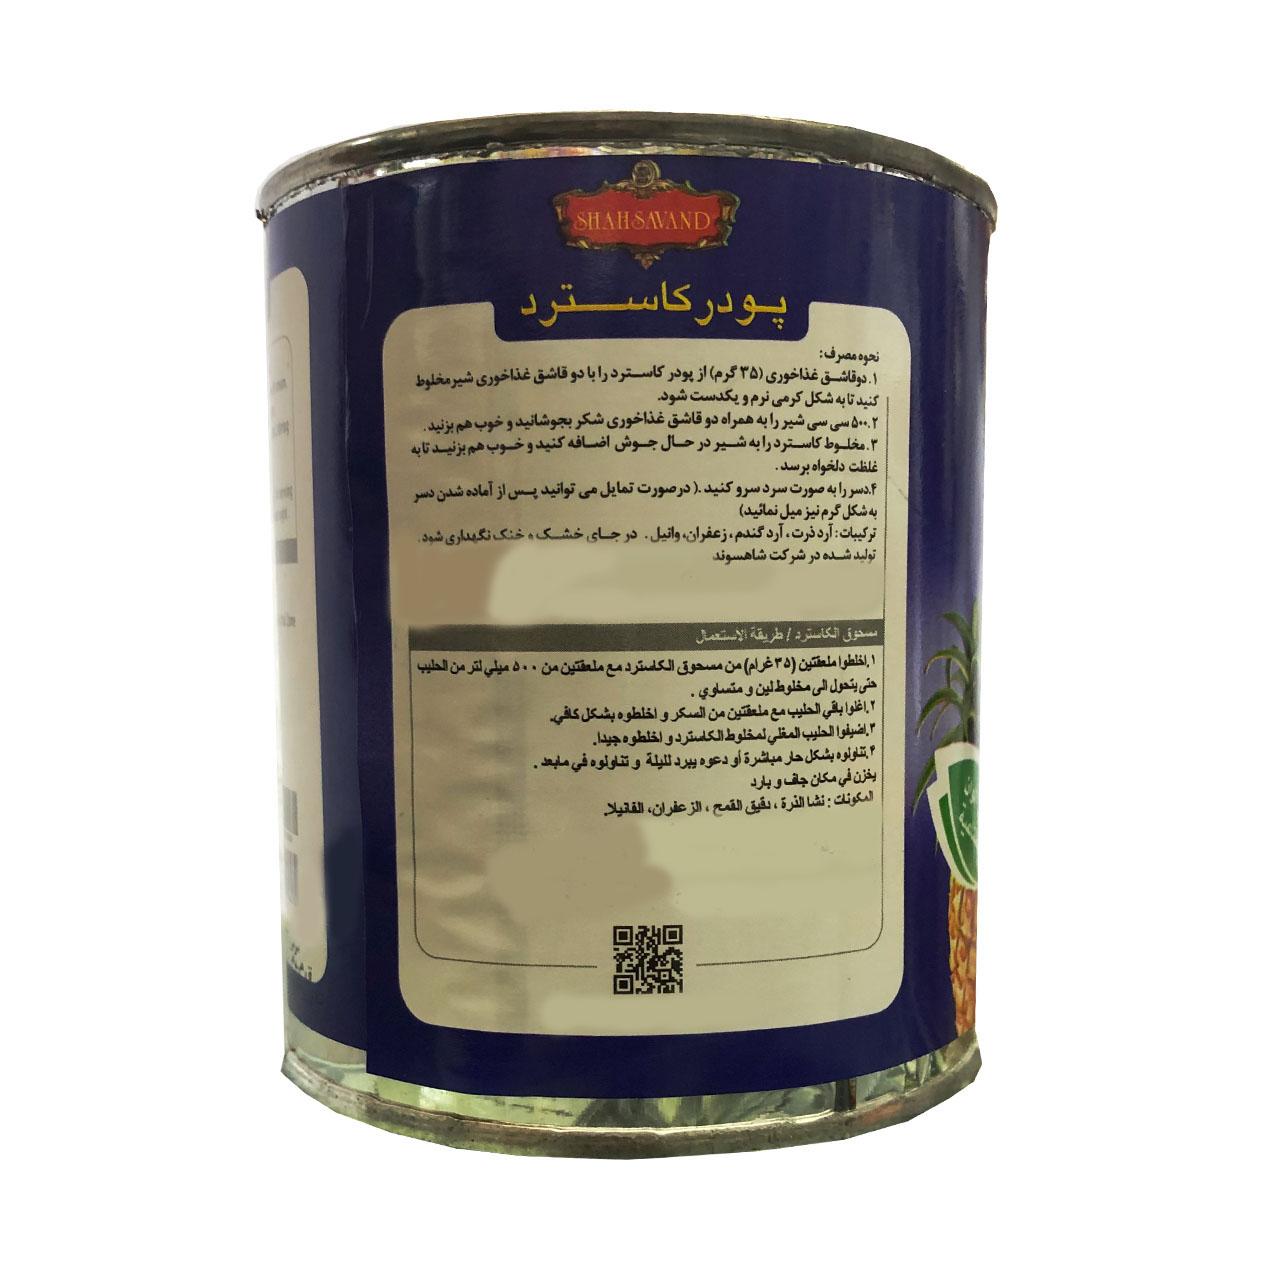 پودر دسر کاسترد هالی دی شاهسوند - 250 گرم   main 1 3